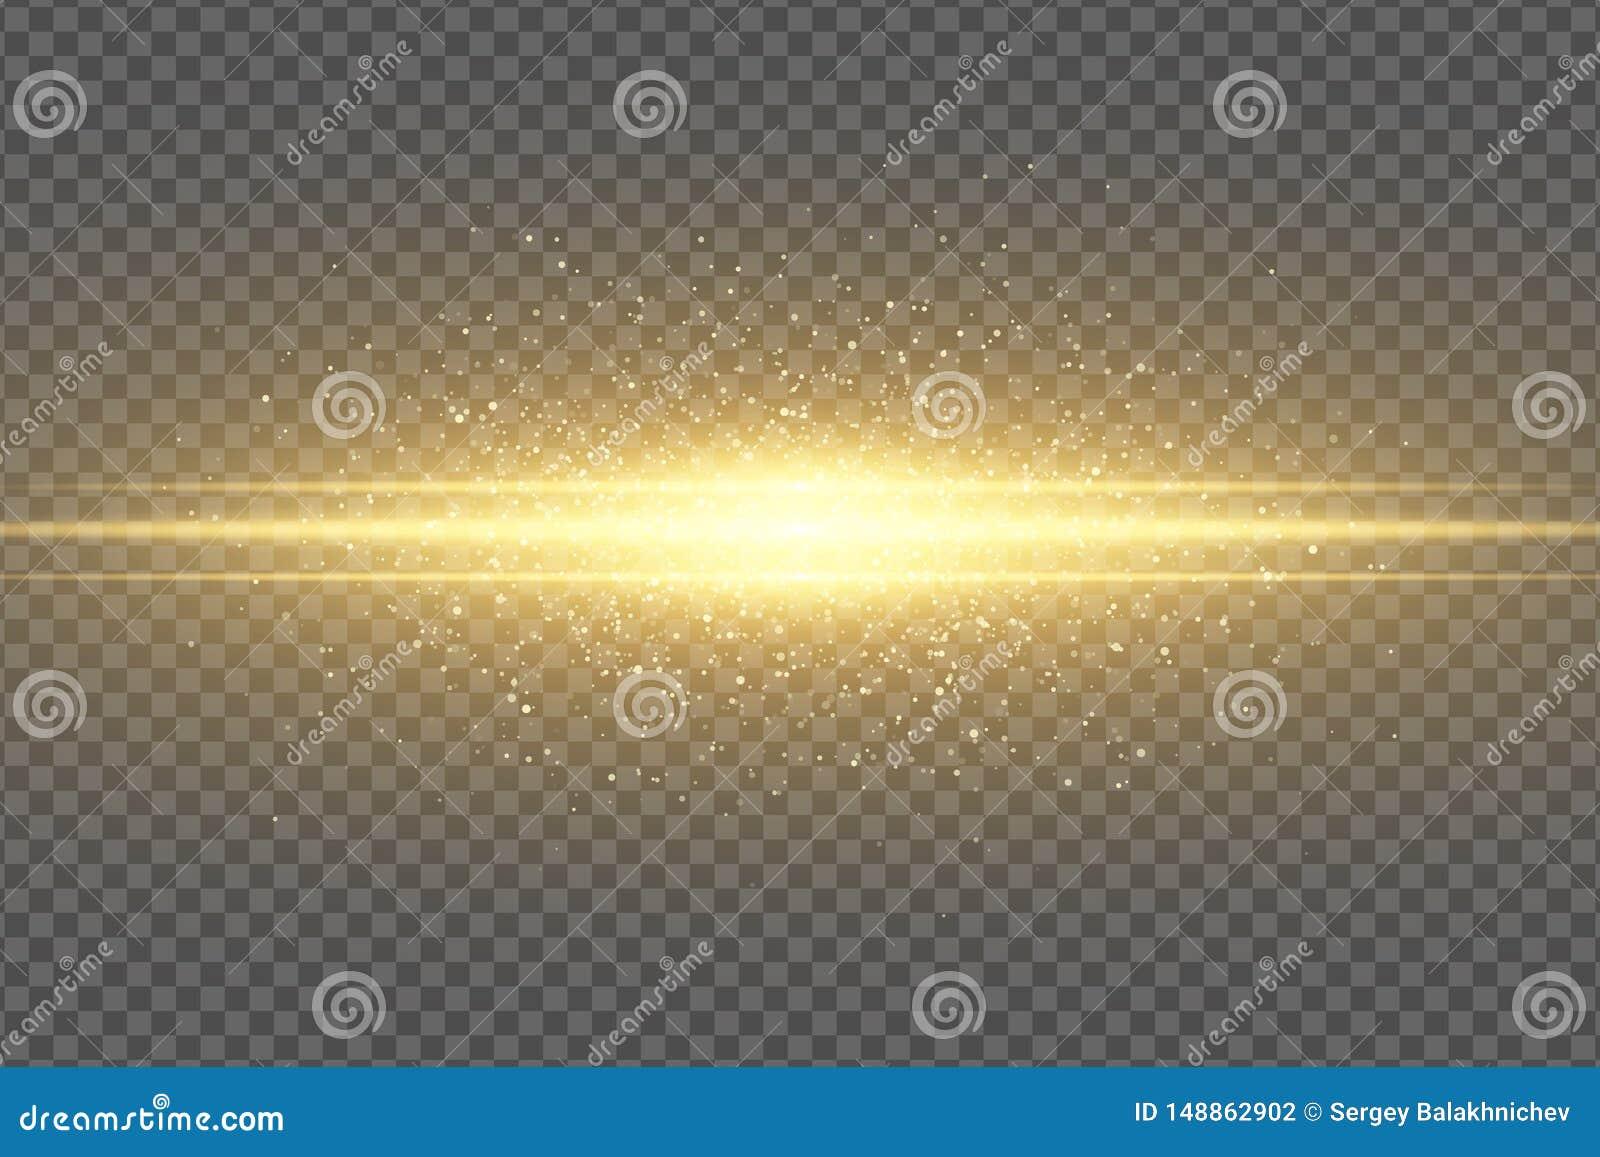 Abstrakt magisk stilfull ljus effekt p? en genomskinlig bakgrund guld- exponering Lysande flygadamm som skimrar partikelflyg